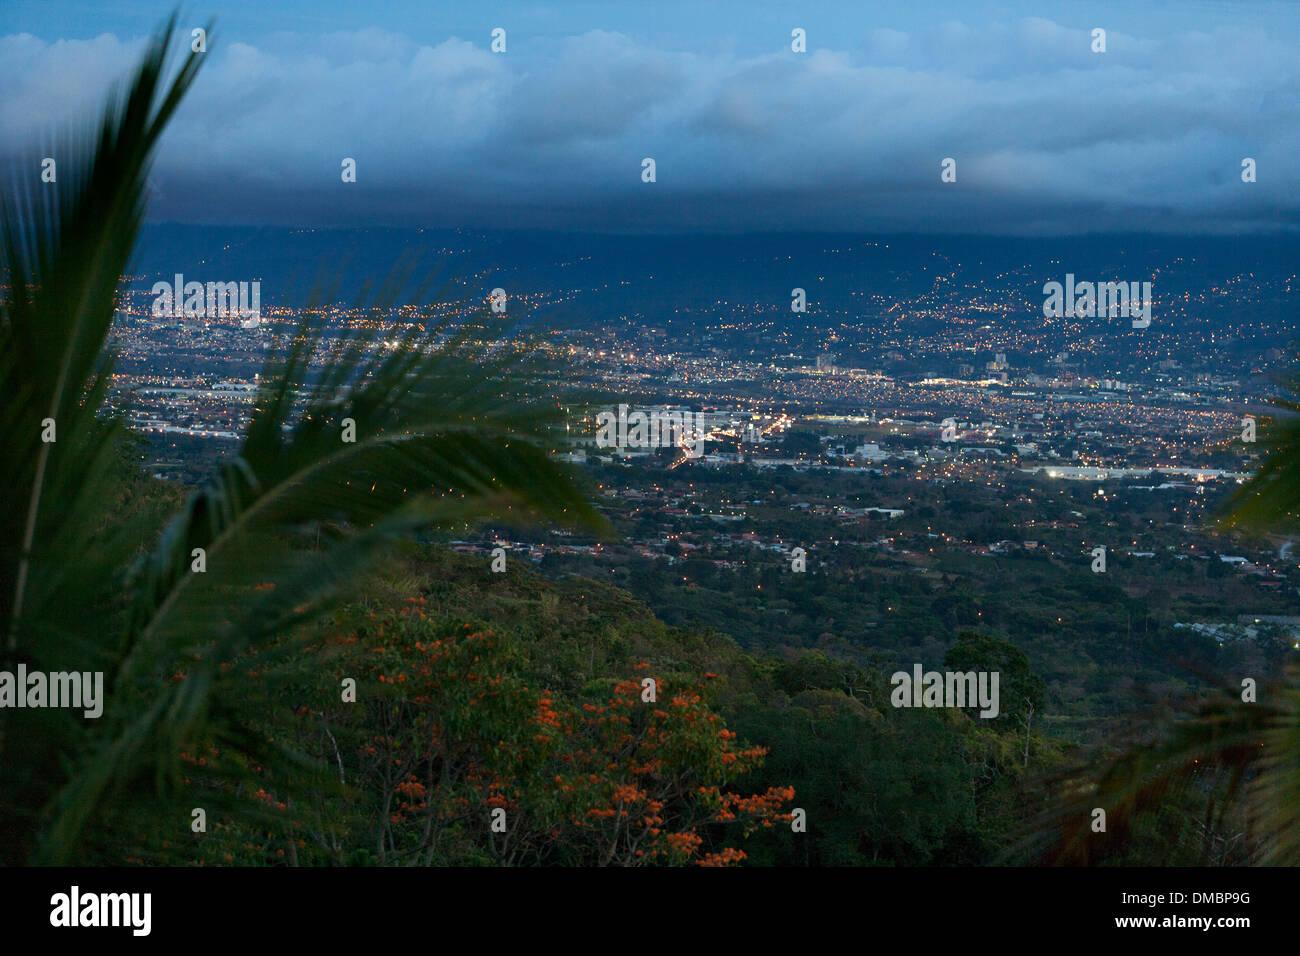 San Jose Costa Rica la nuit Photo Stock